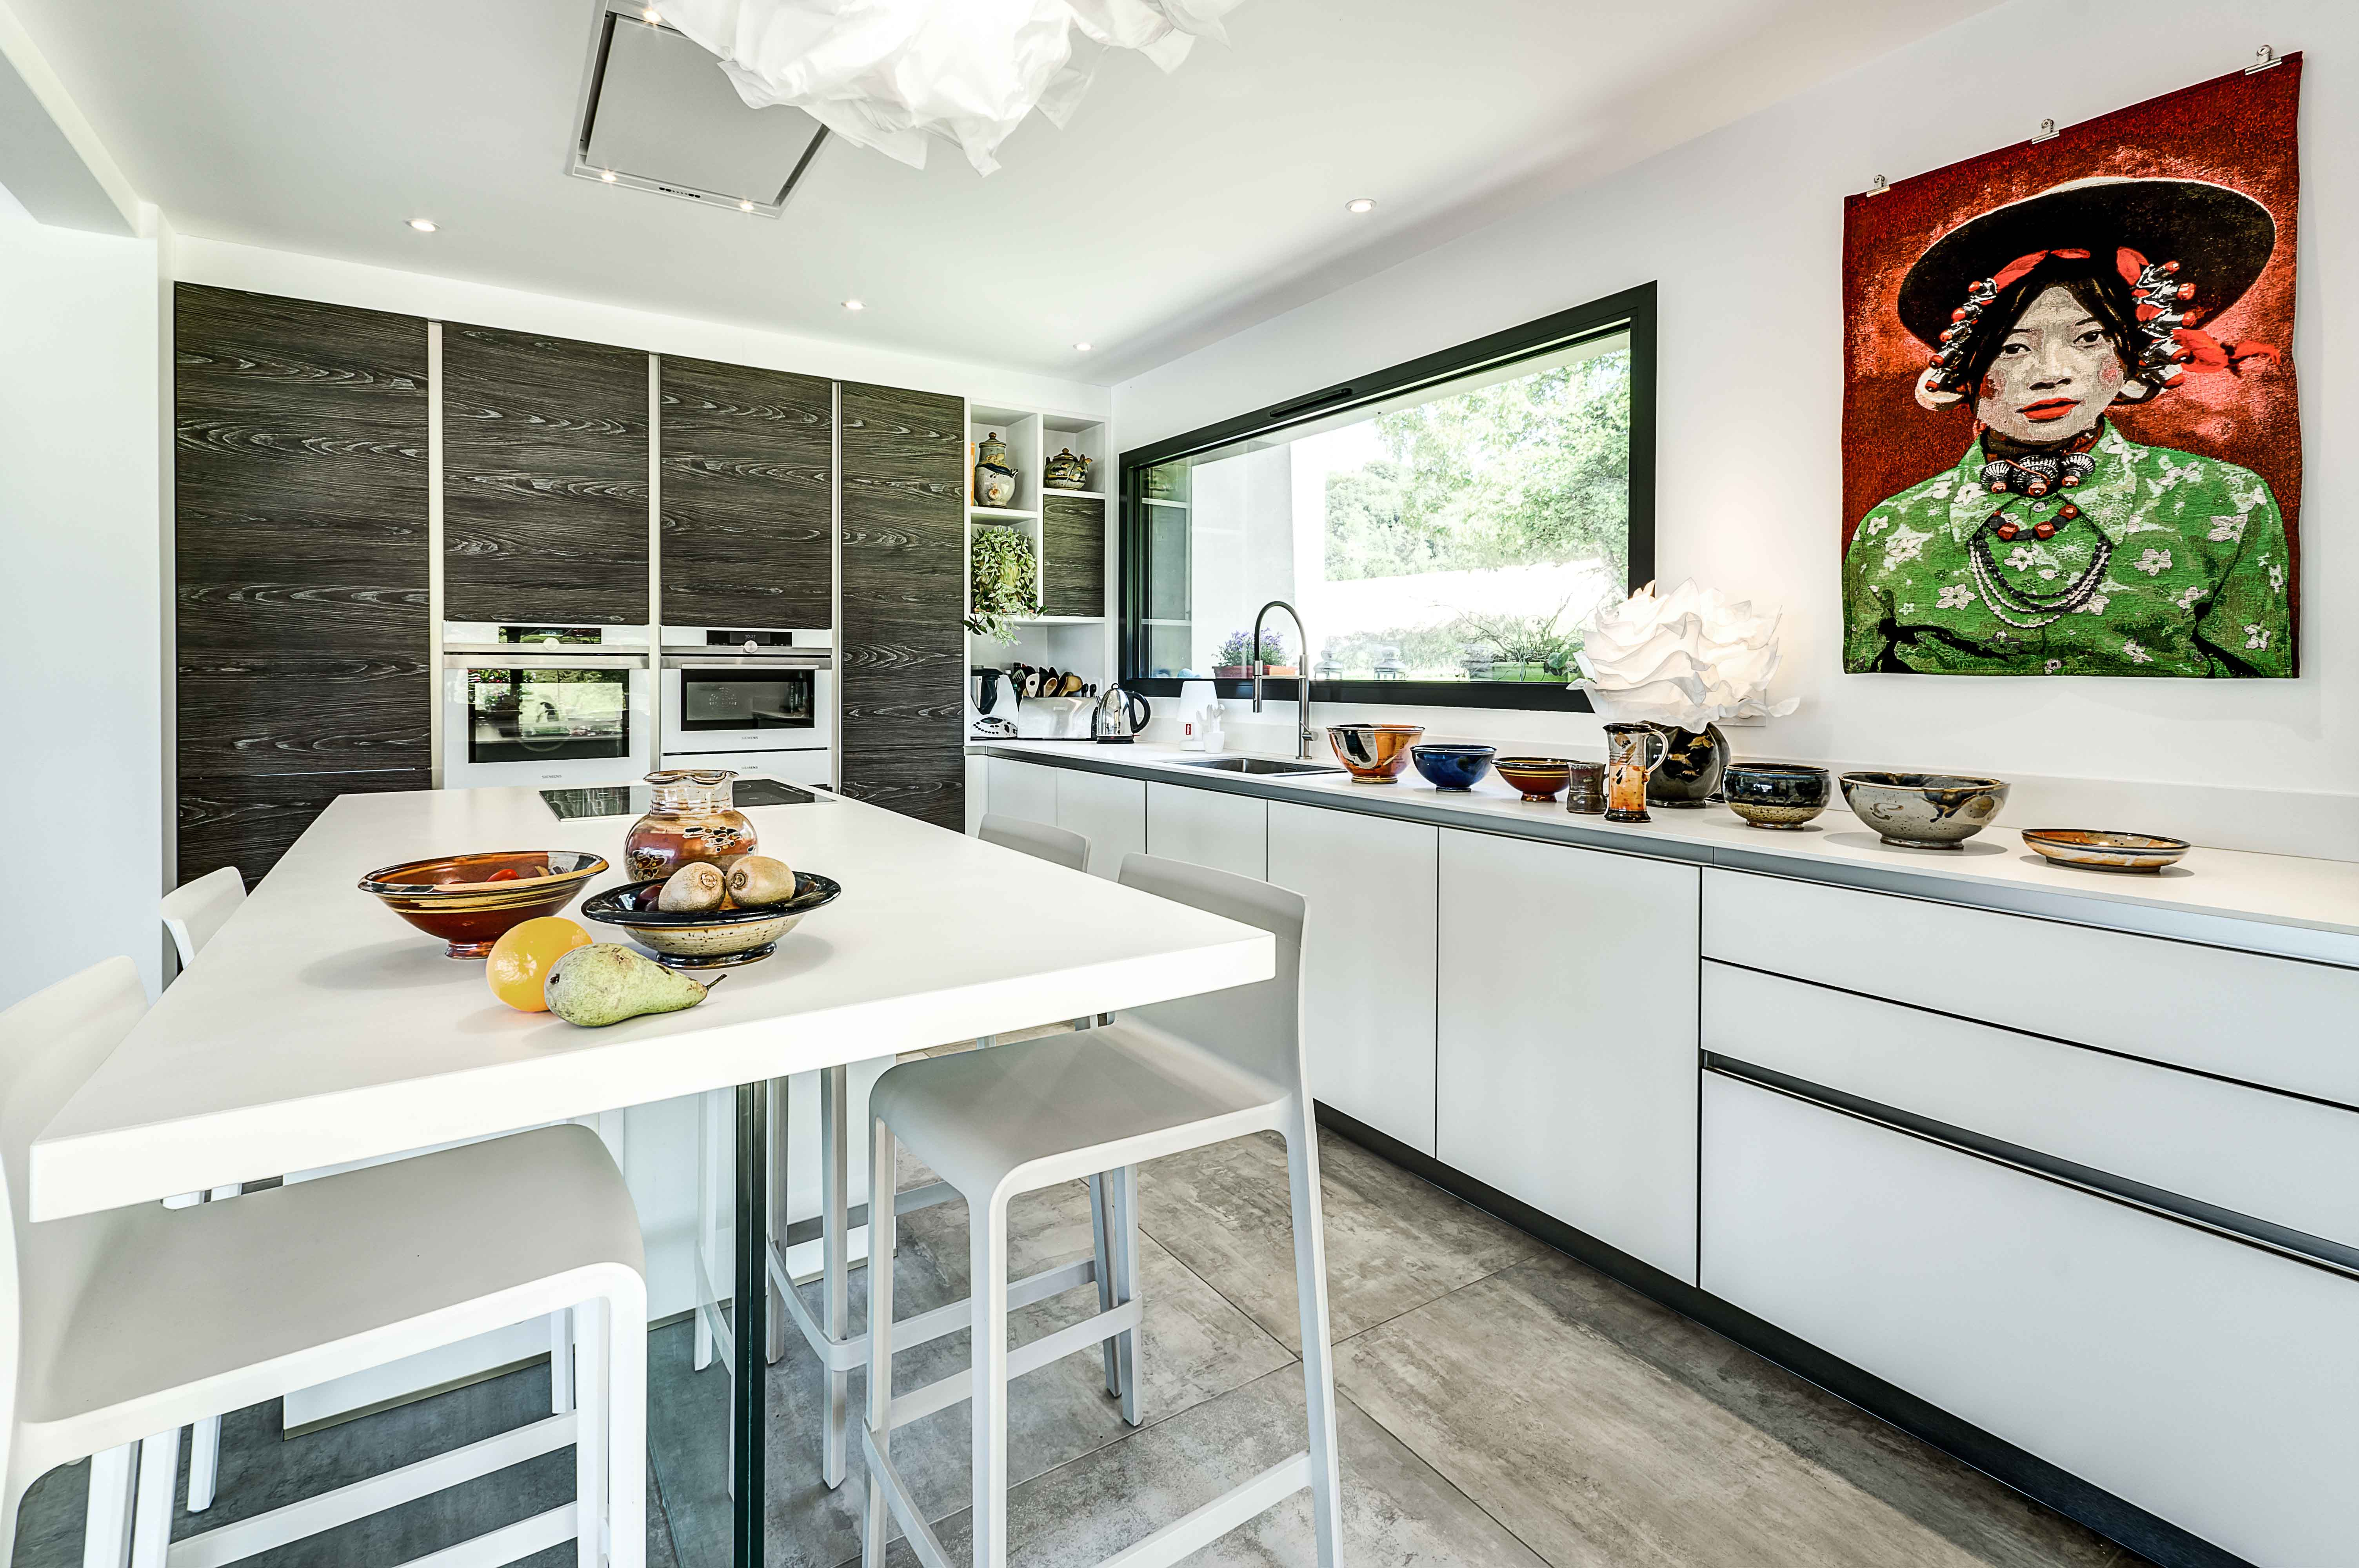 Grande cuisine moderne blanche avec rangements style bois